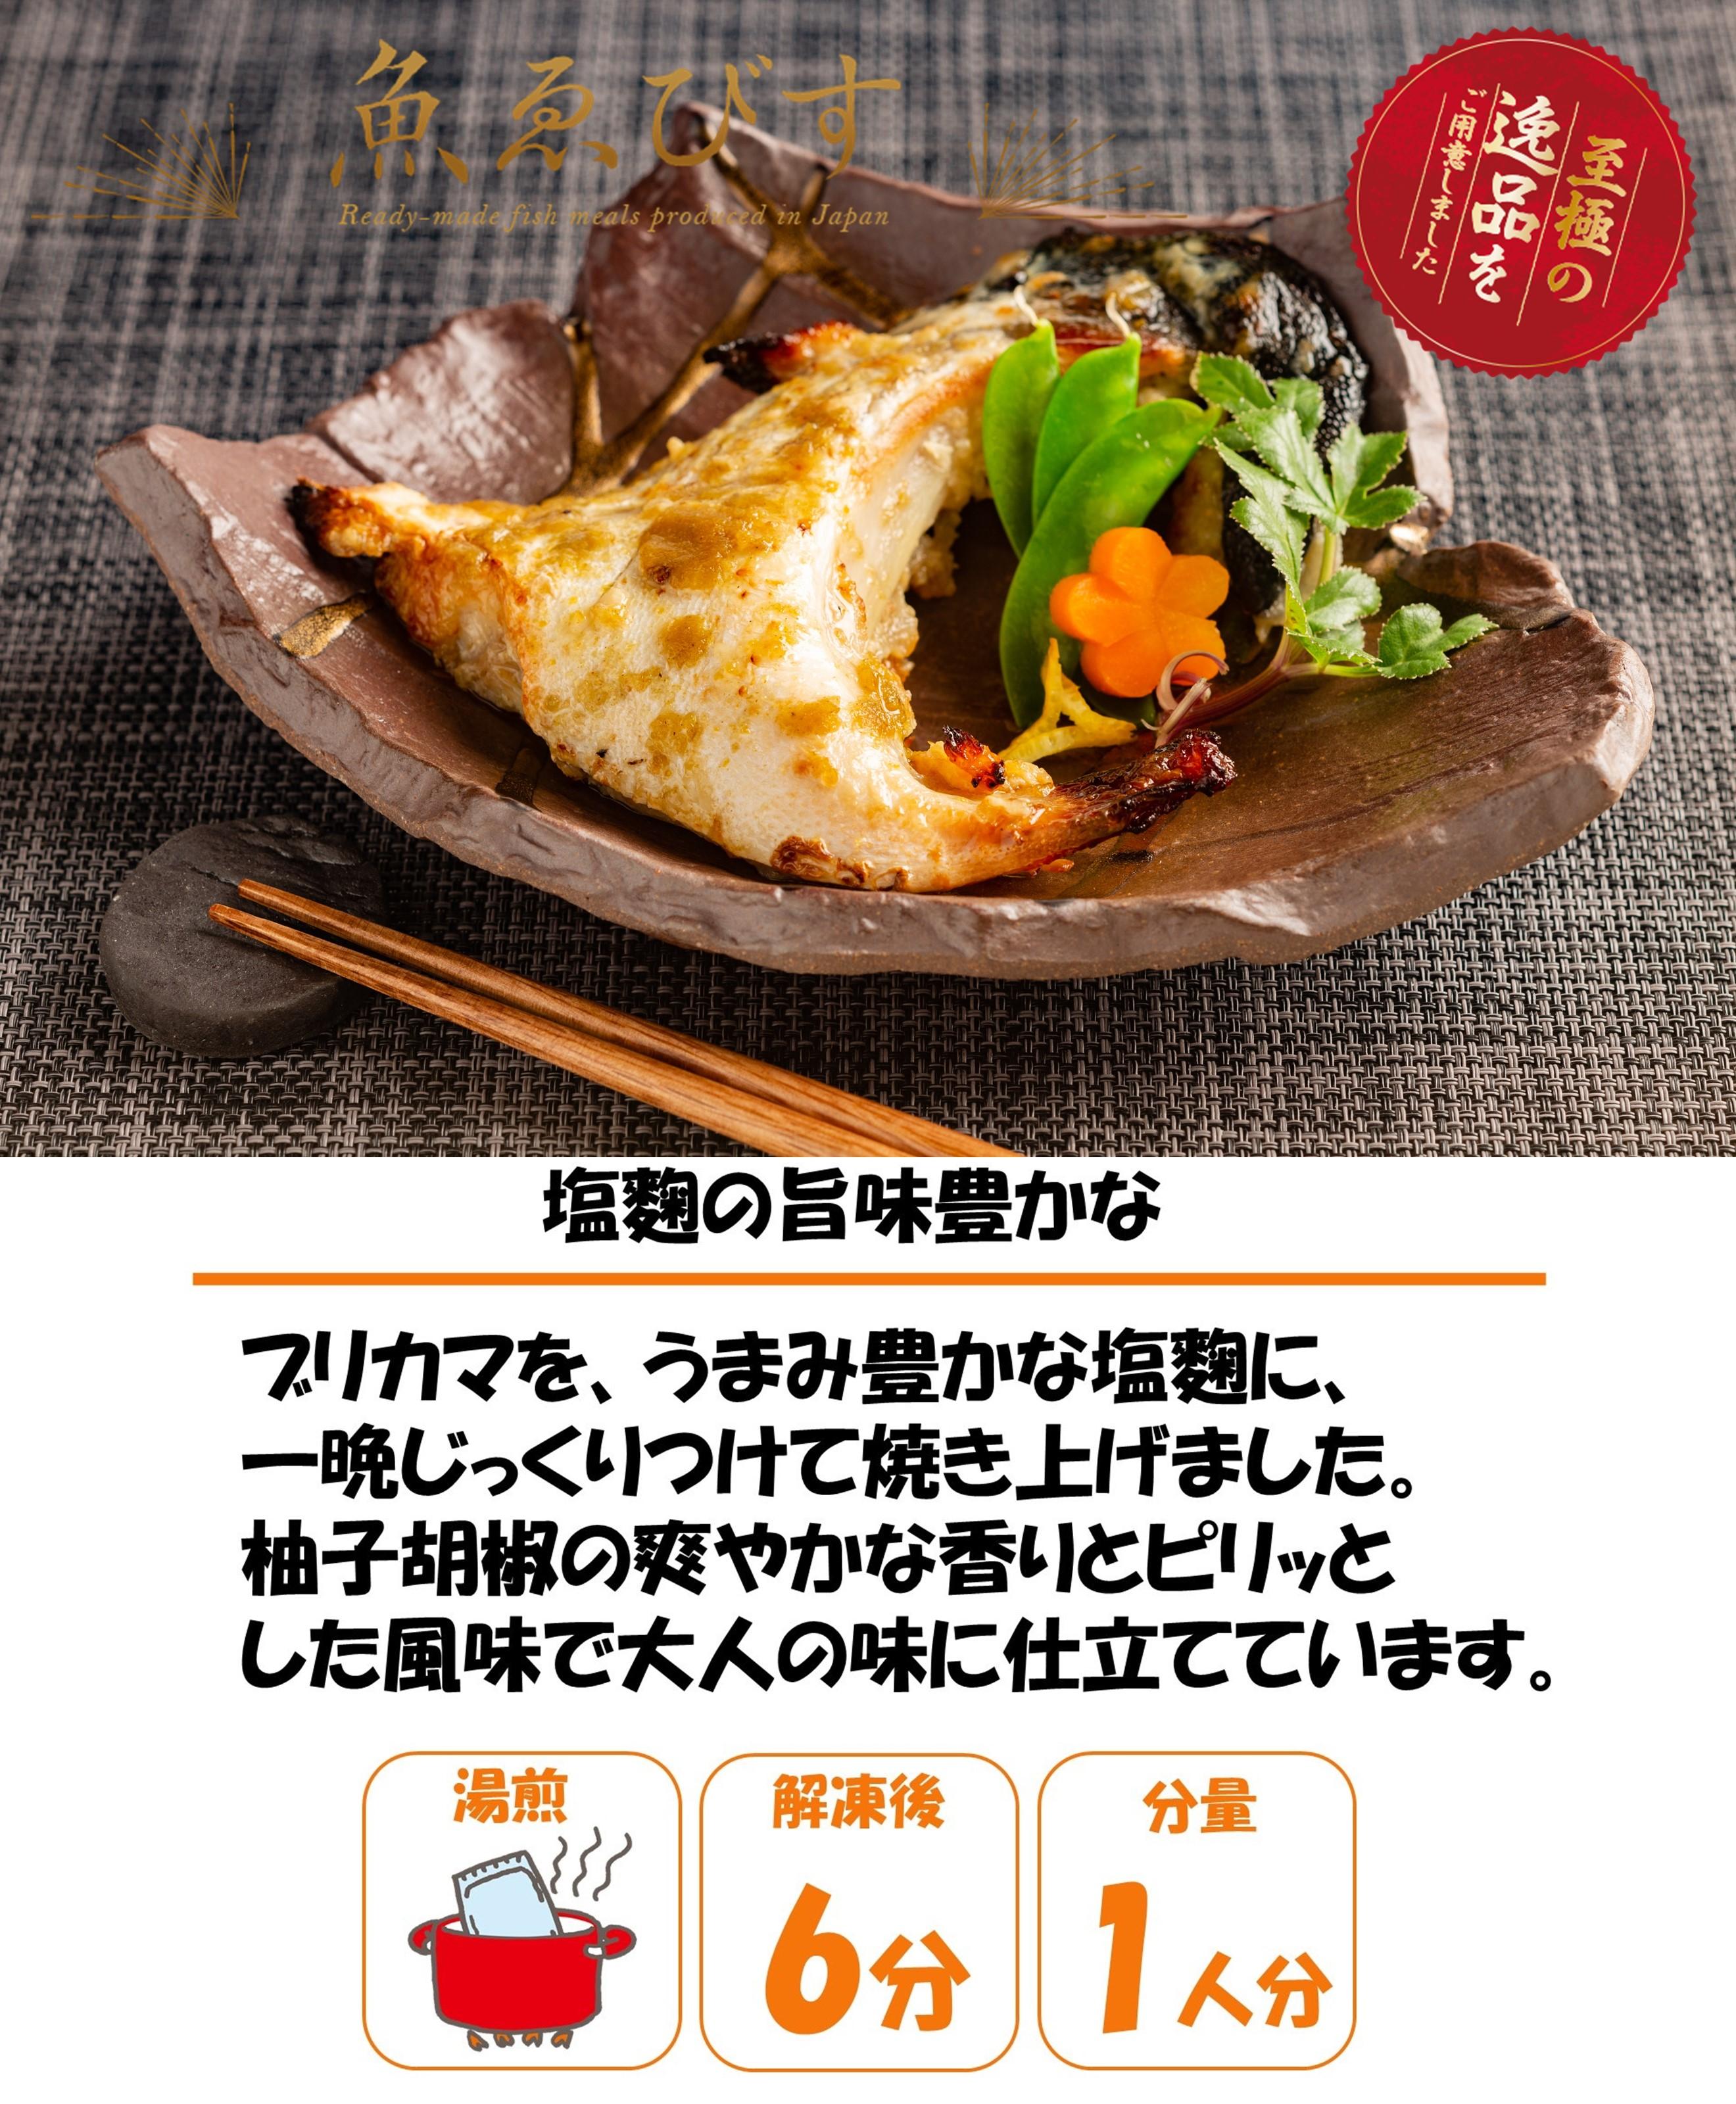 ブリかま柚子胡椒焼